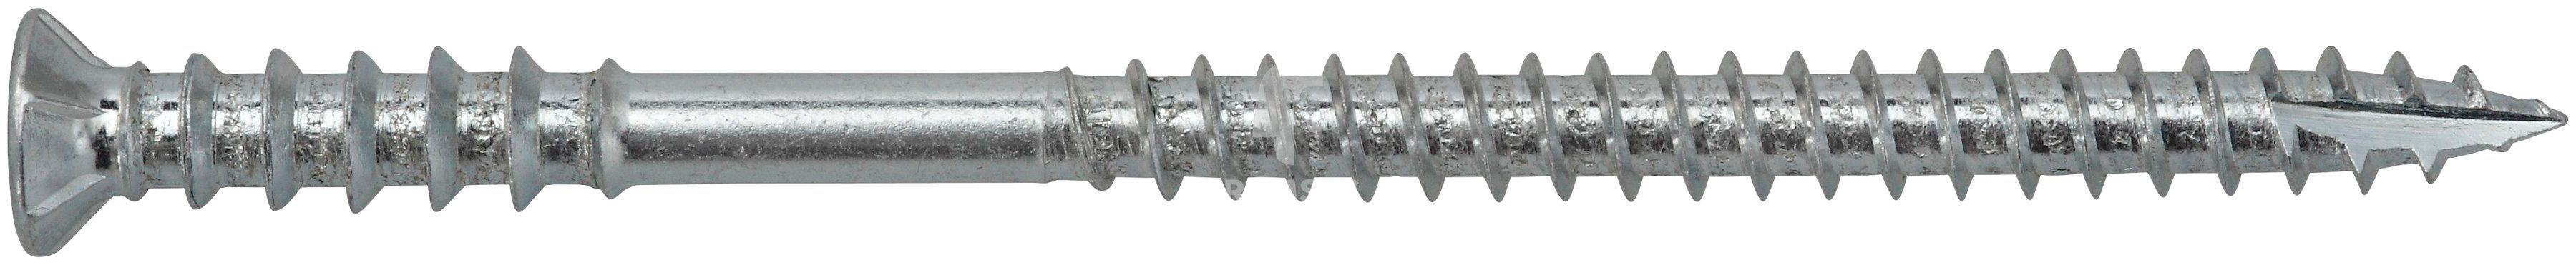 RAMSES Schrauben , Justierschraube Holz/Holz 6 x 70 mm 50 Stk.